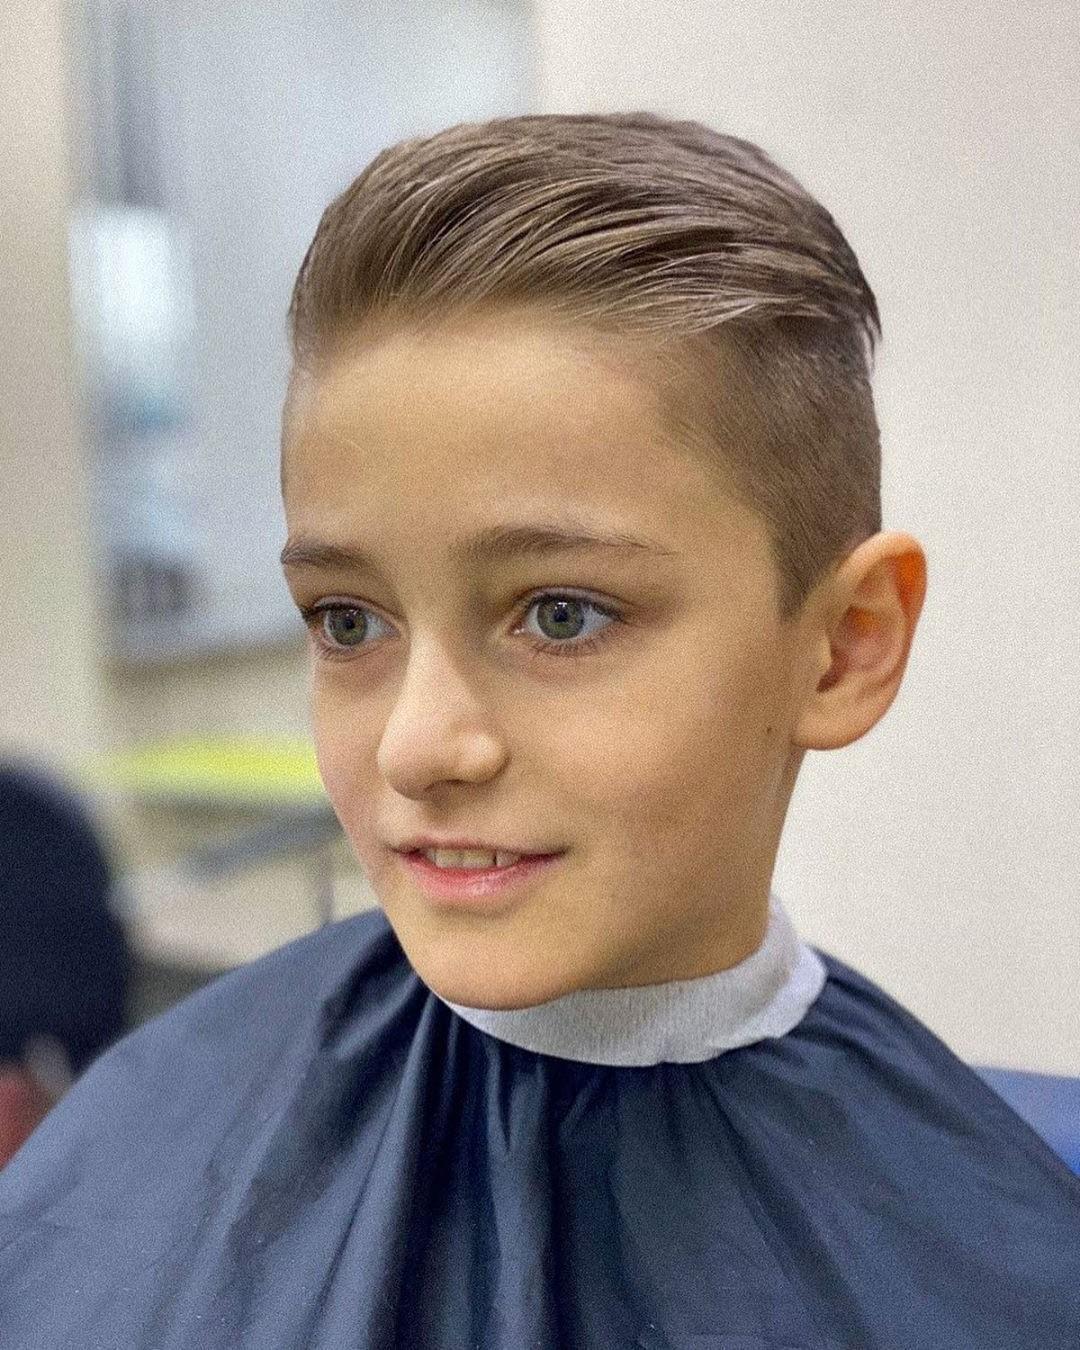 Side Part Haircut for Cute Boys